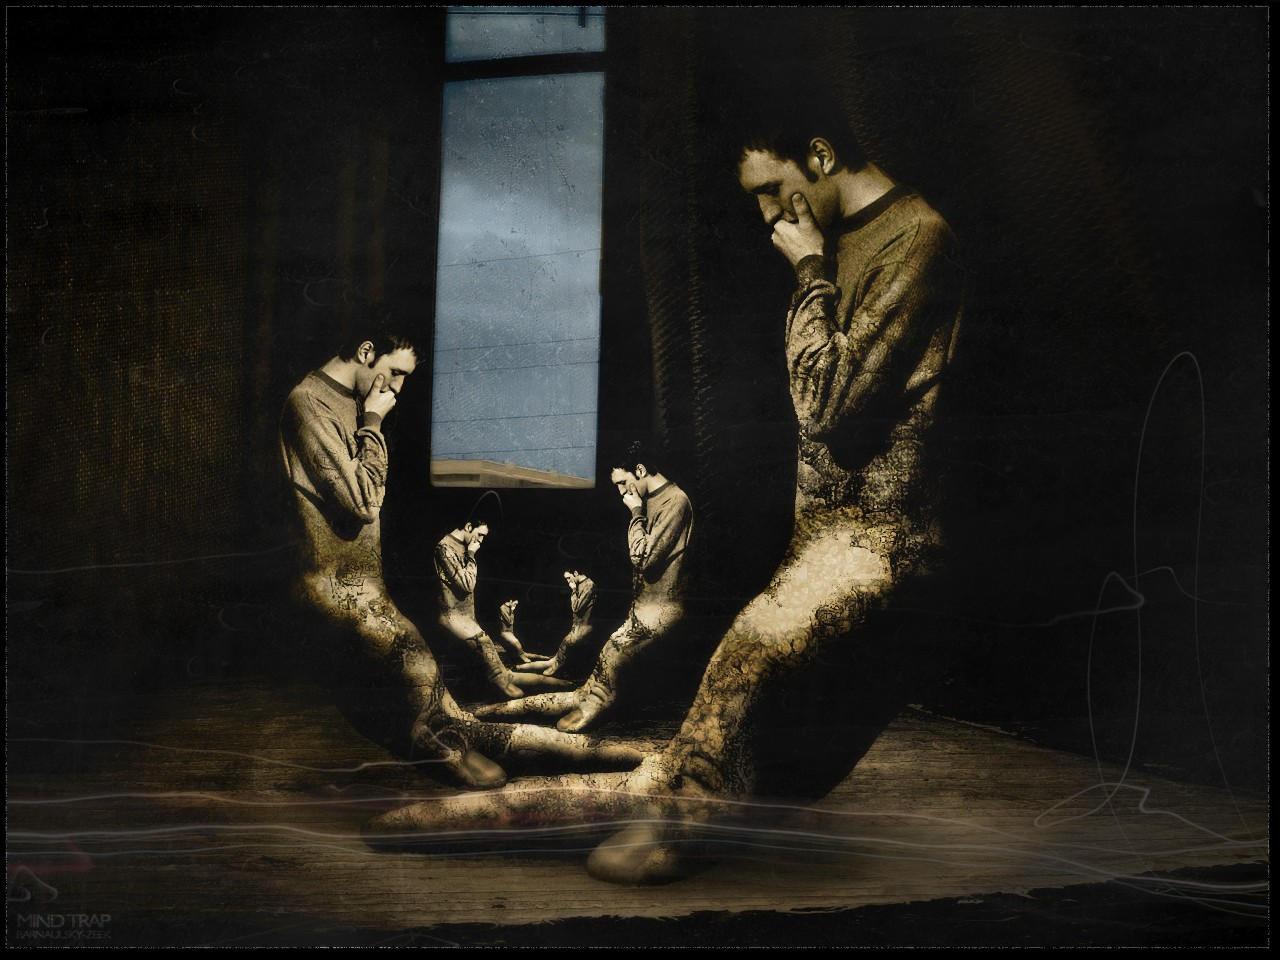 Mind Trap by barnaulsky-zeek